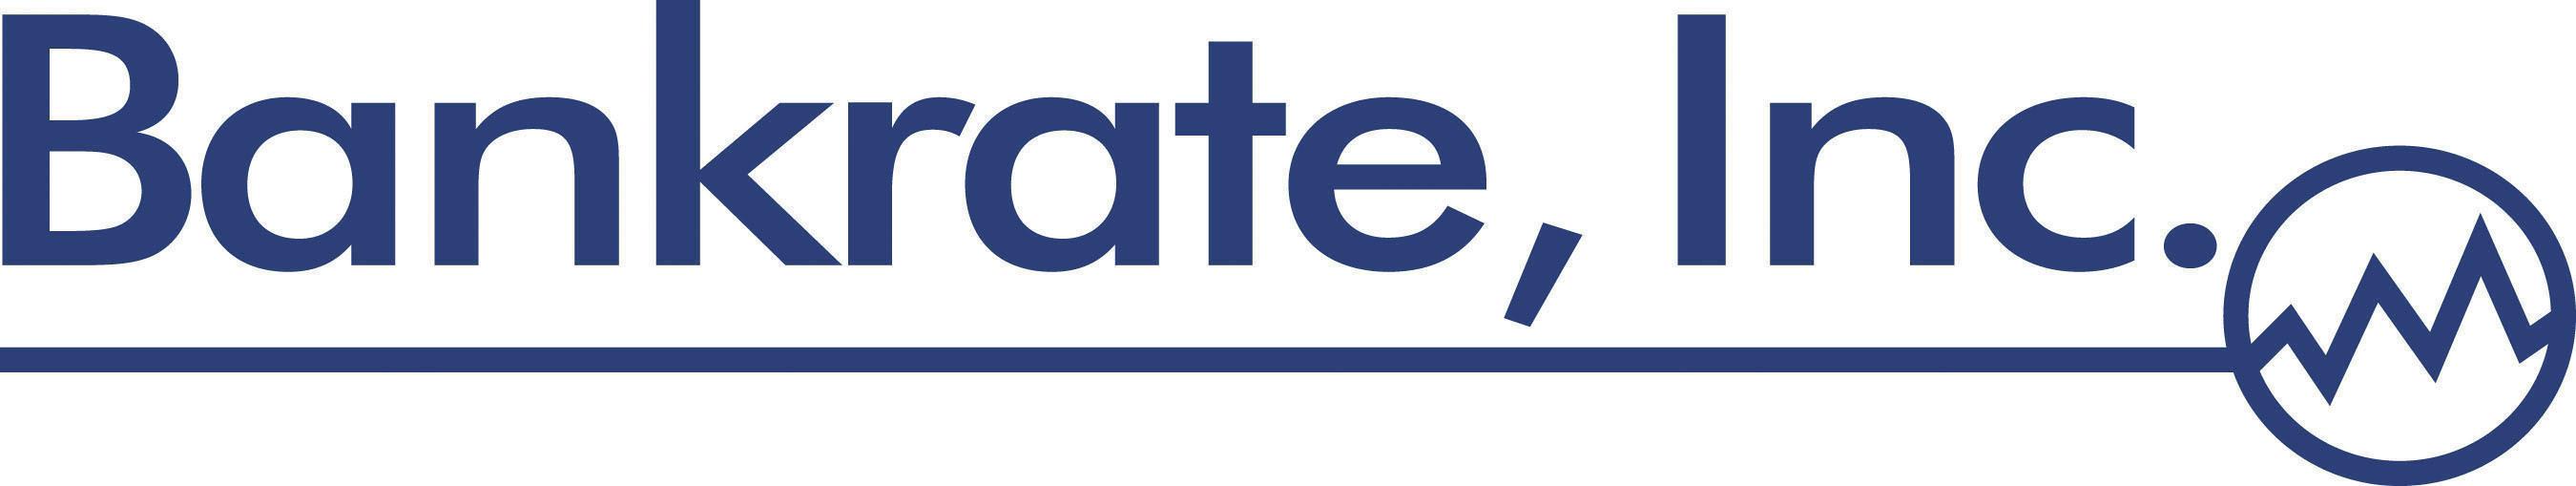 Bankrate, Inc. logo